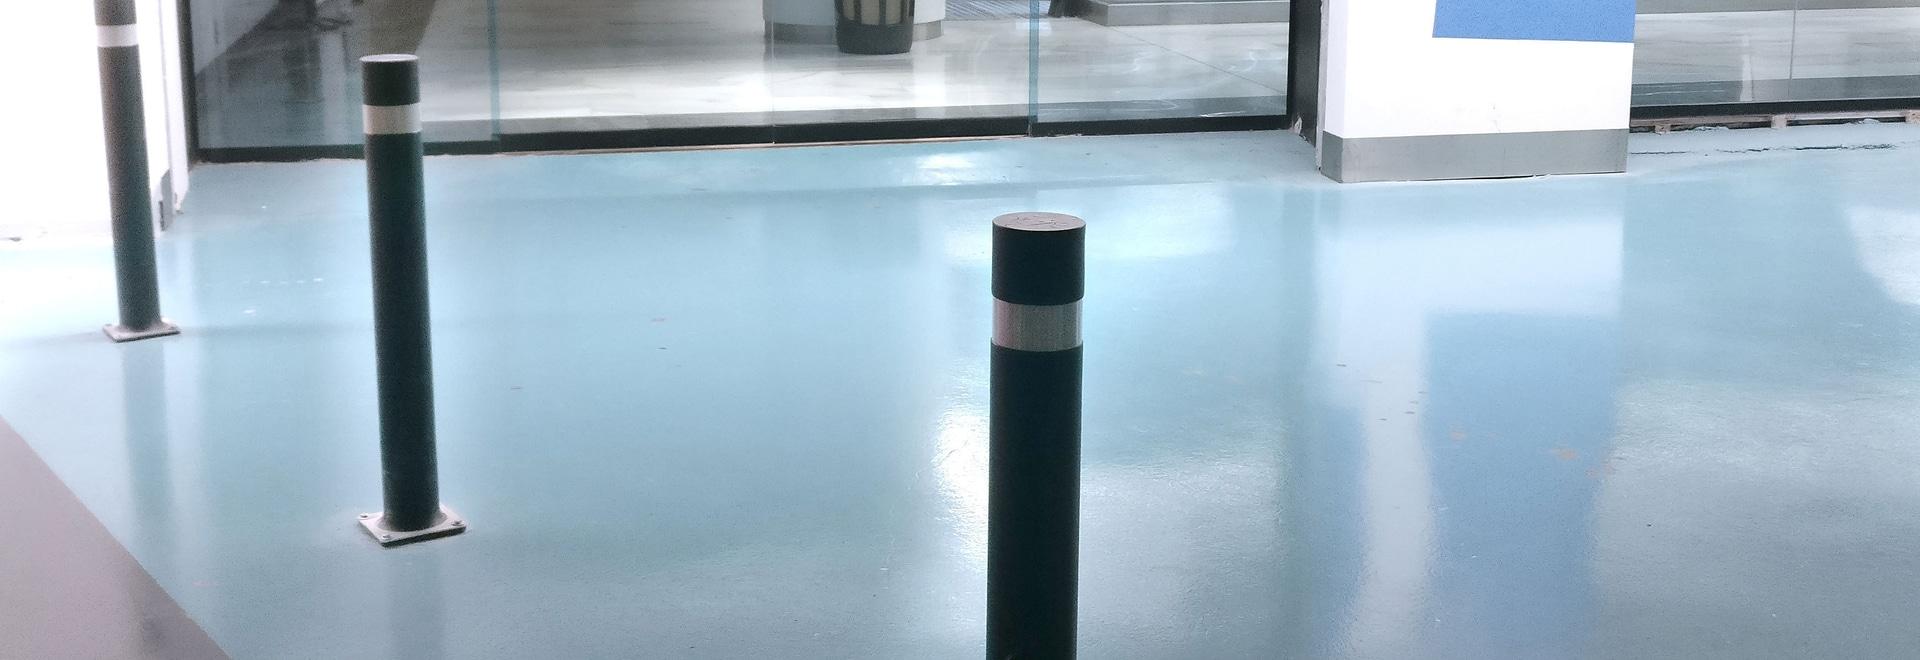 Bornes flexibles, idéaux pour des parkings